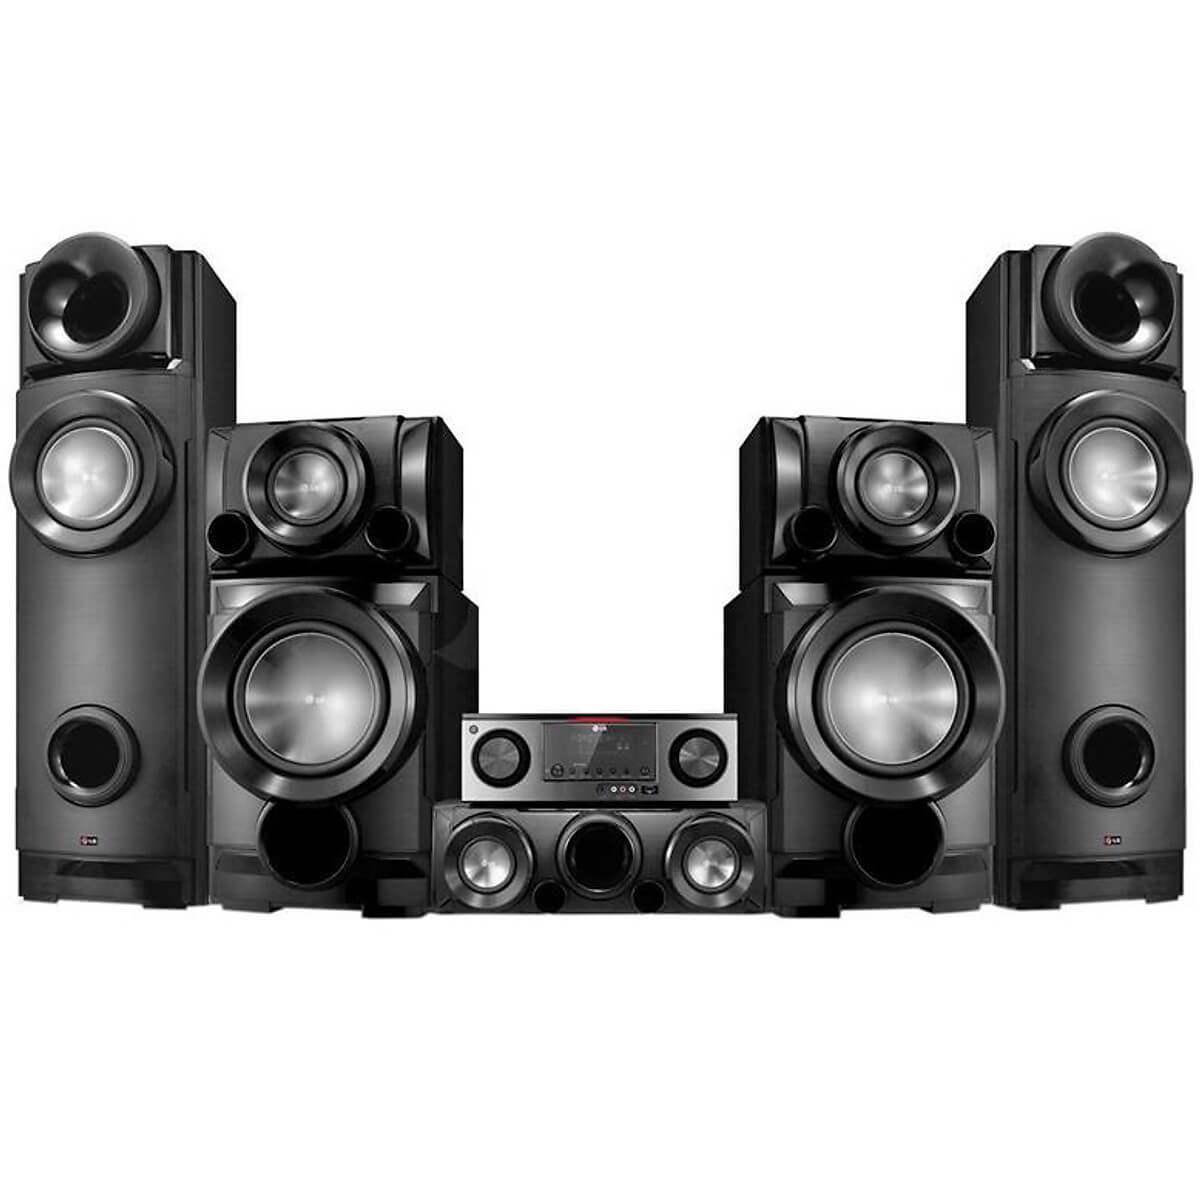 Dàn âm thanh nghe nhạc 5.2 LG ARX8500